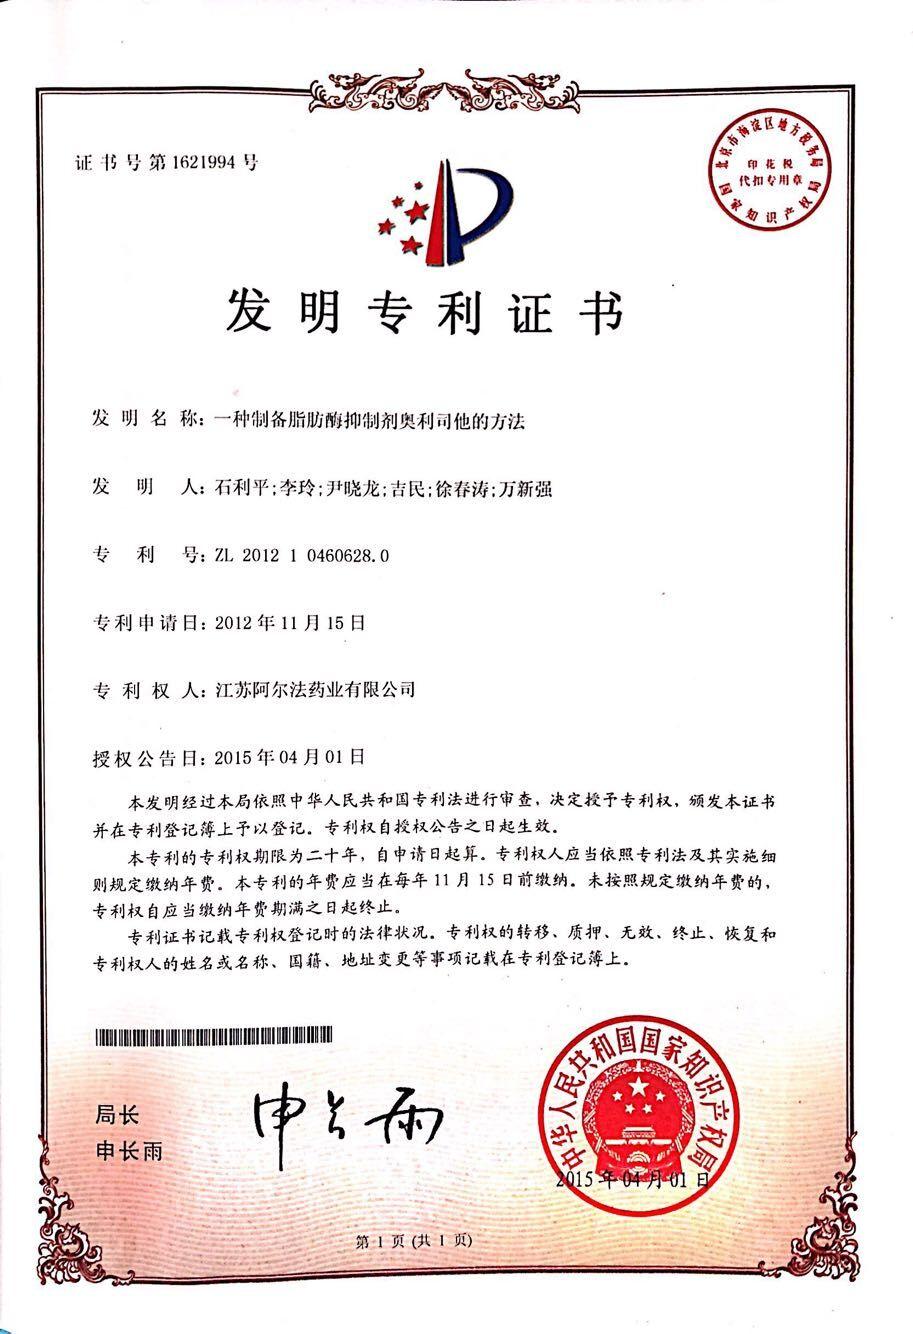 榮譽-專利-10.一種制備脂肪酶抑制劑奧利司他的方法